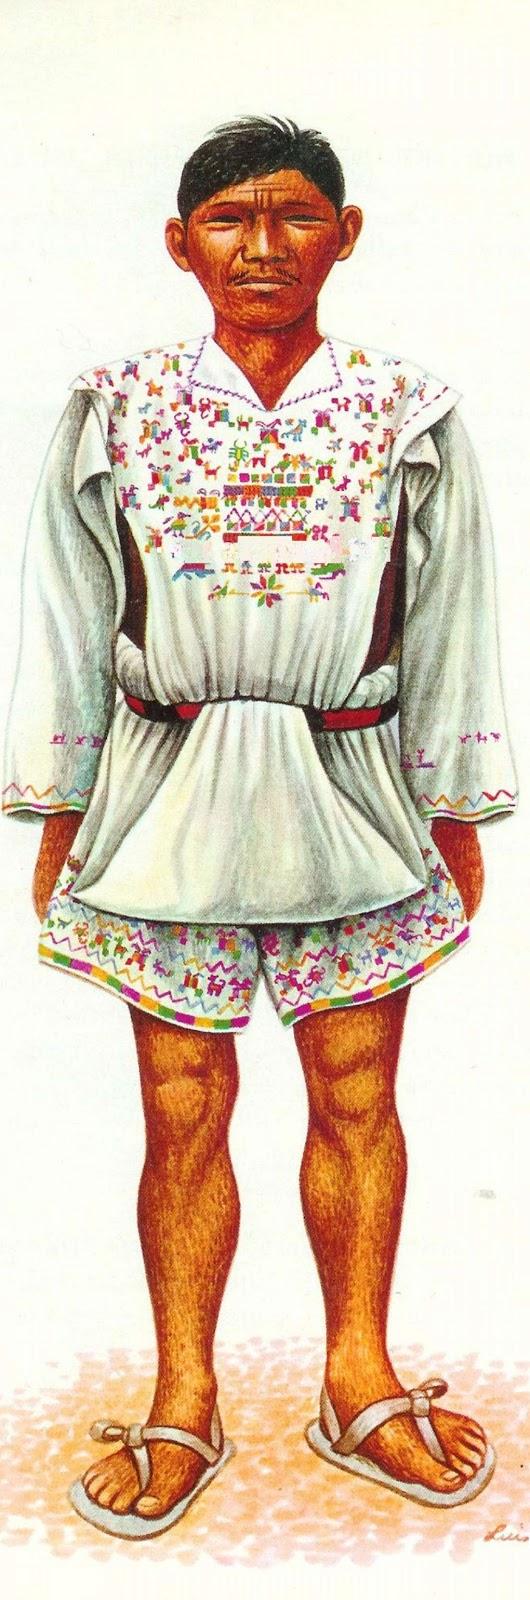 Otro calzon blanco de colegiala - 2 part 7